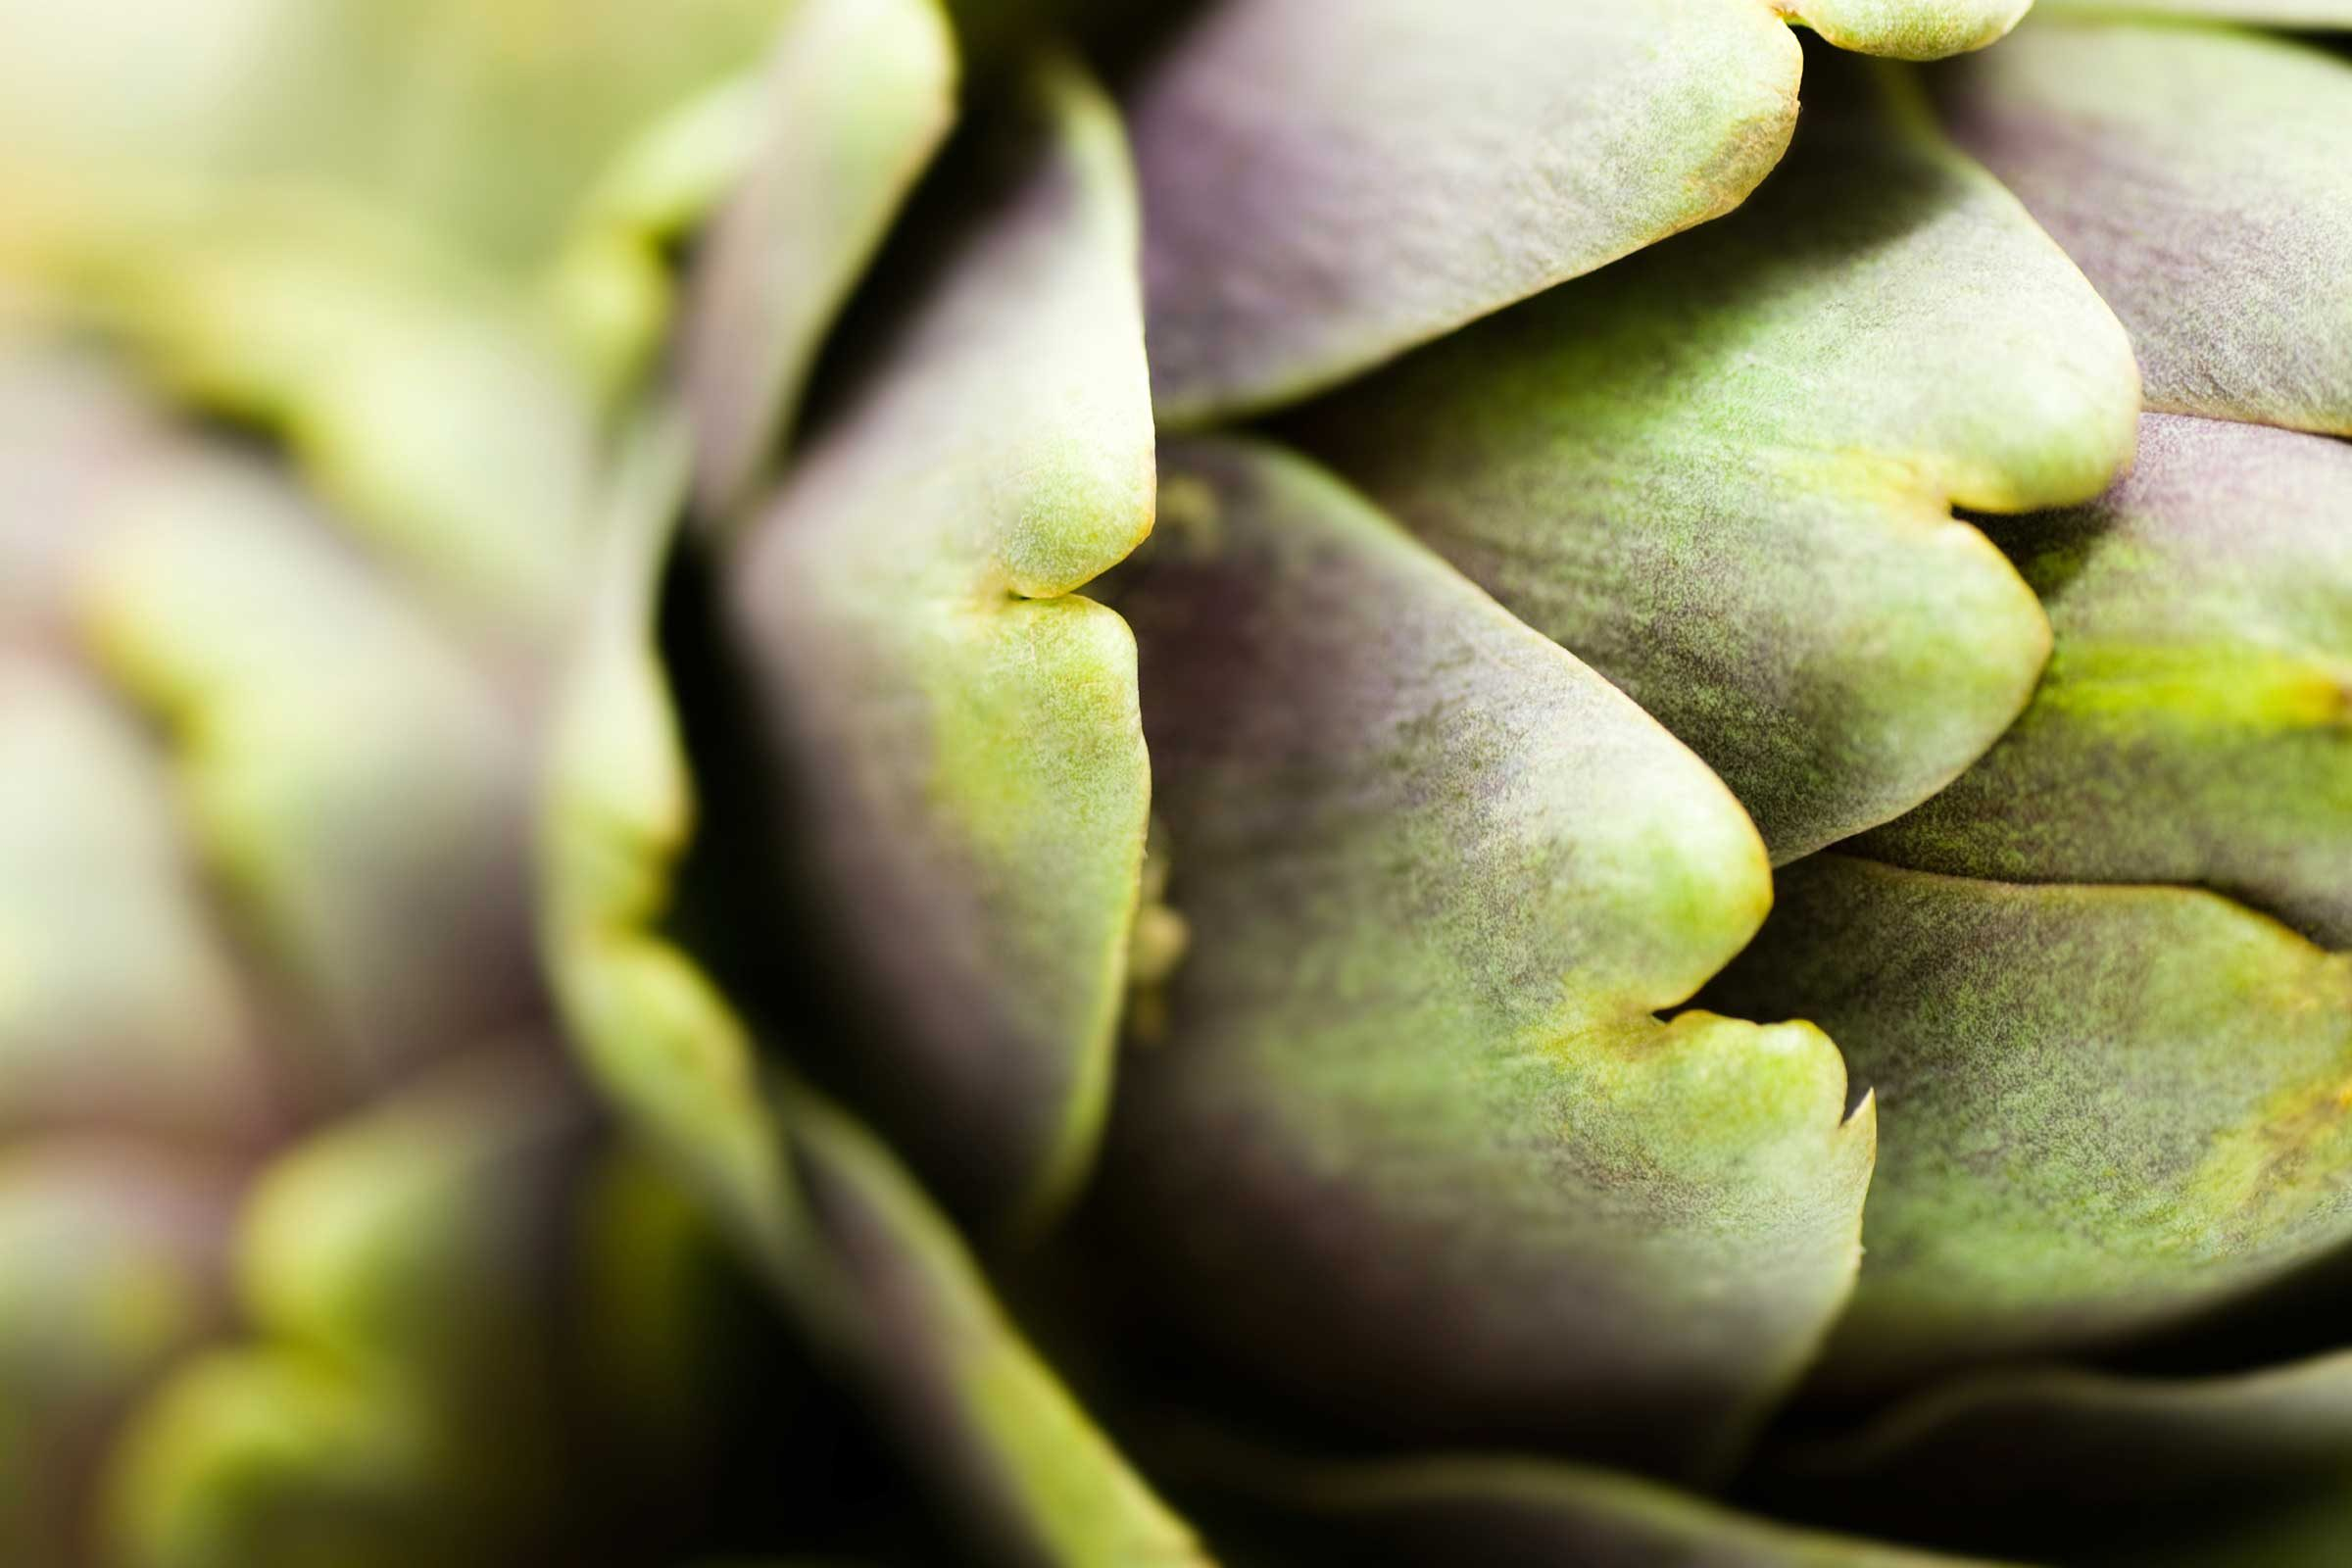 Learn to eat artichokes tonight